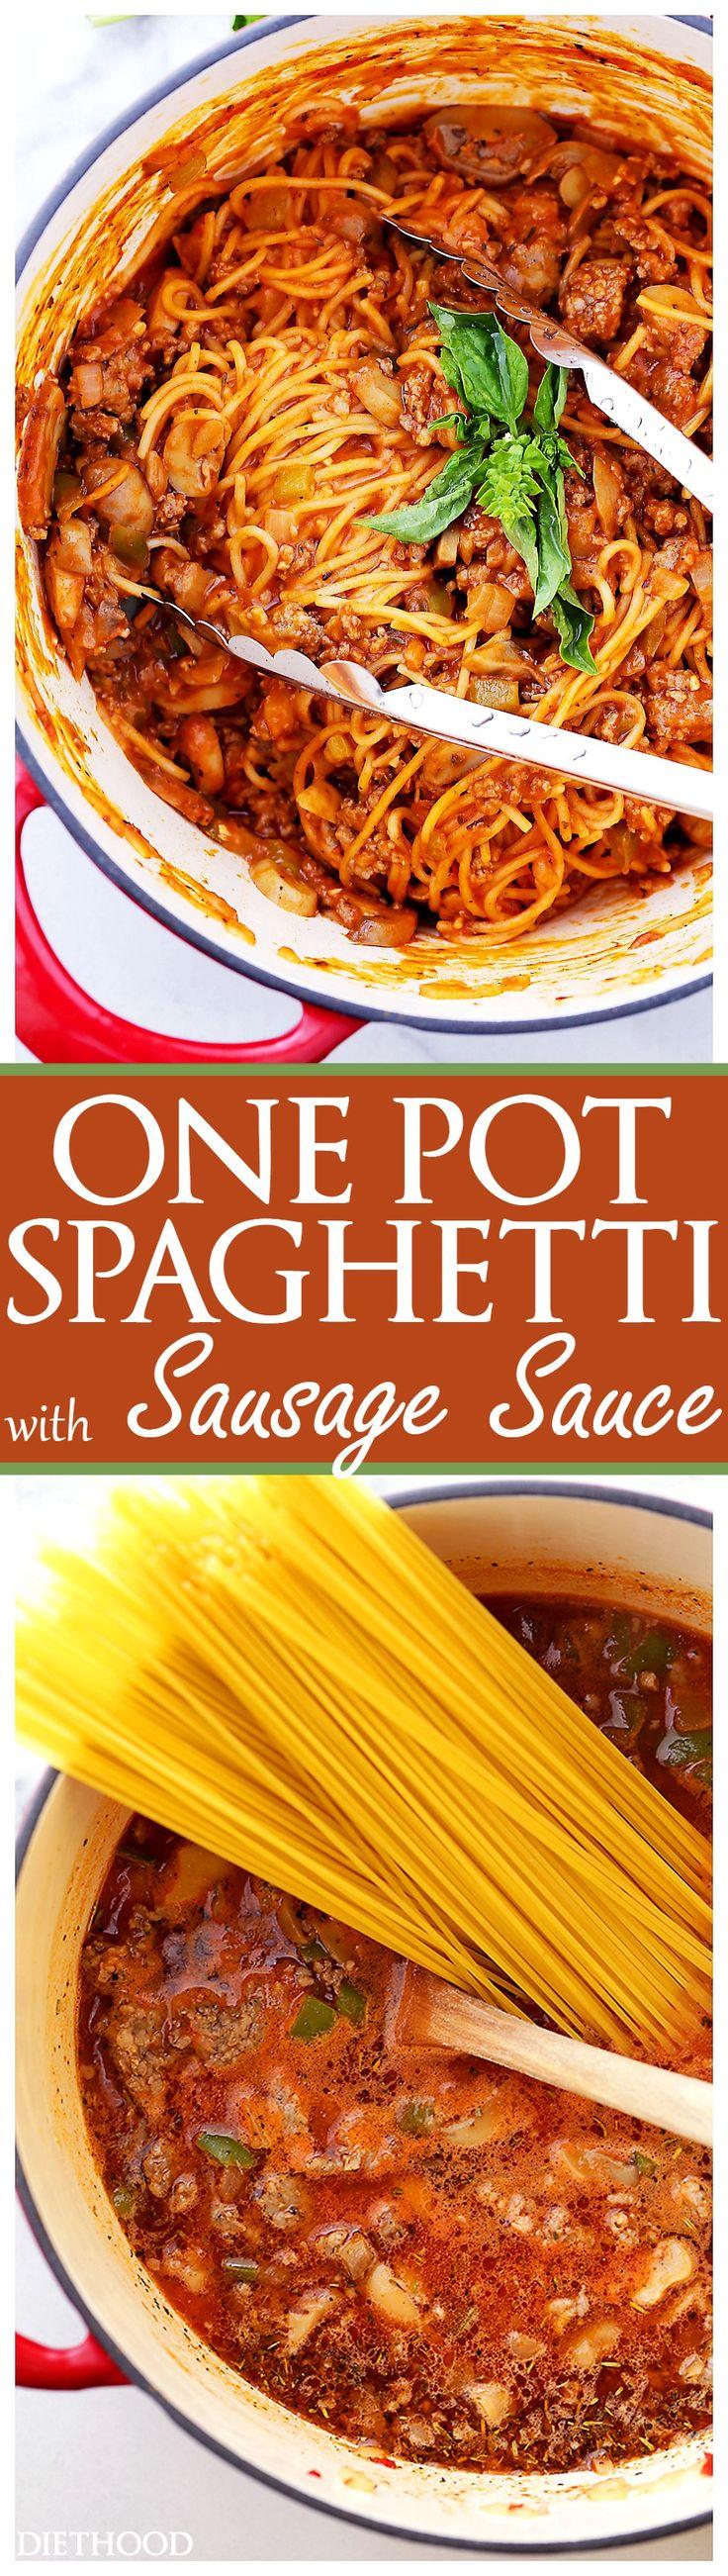 One Pot Spaghetti with Sausage Sauce Recipe - Made with pork sausage ...